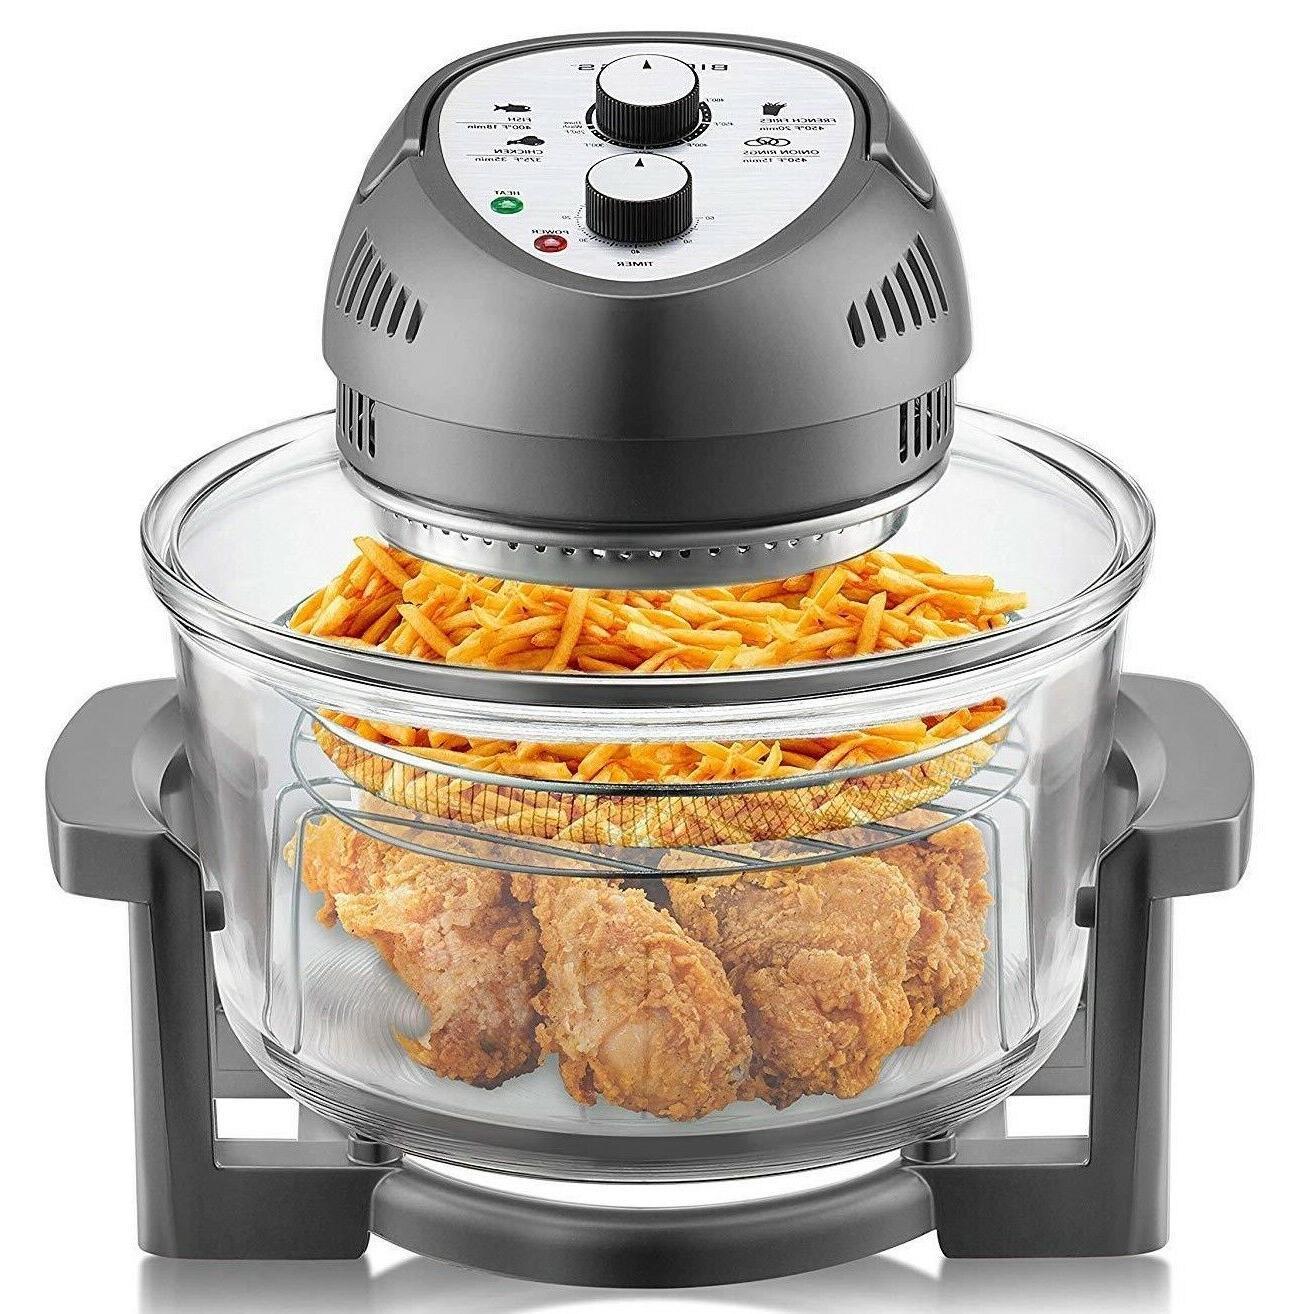 Big Boss Air Fryer Oil Less 1300W XL Capacity